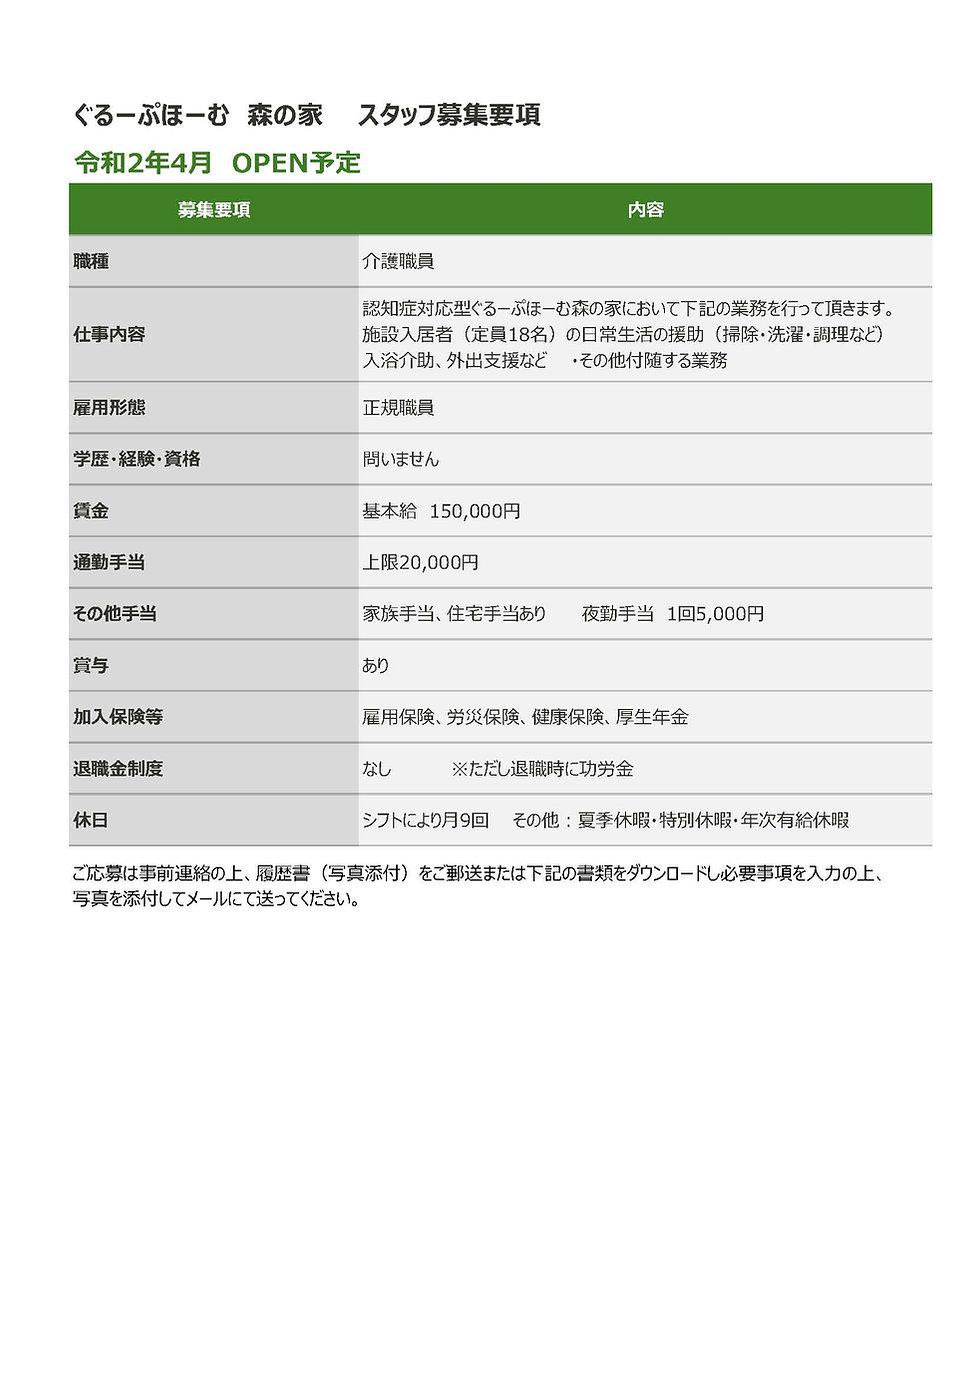 森の家スタッフ募集要項.jpg